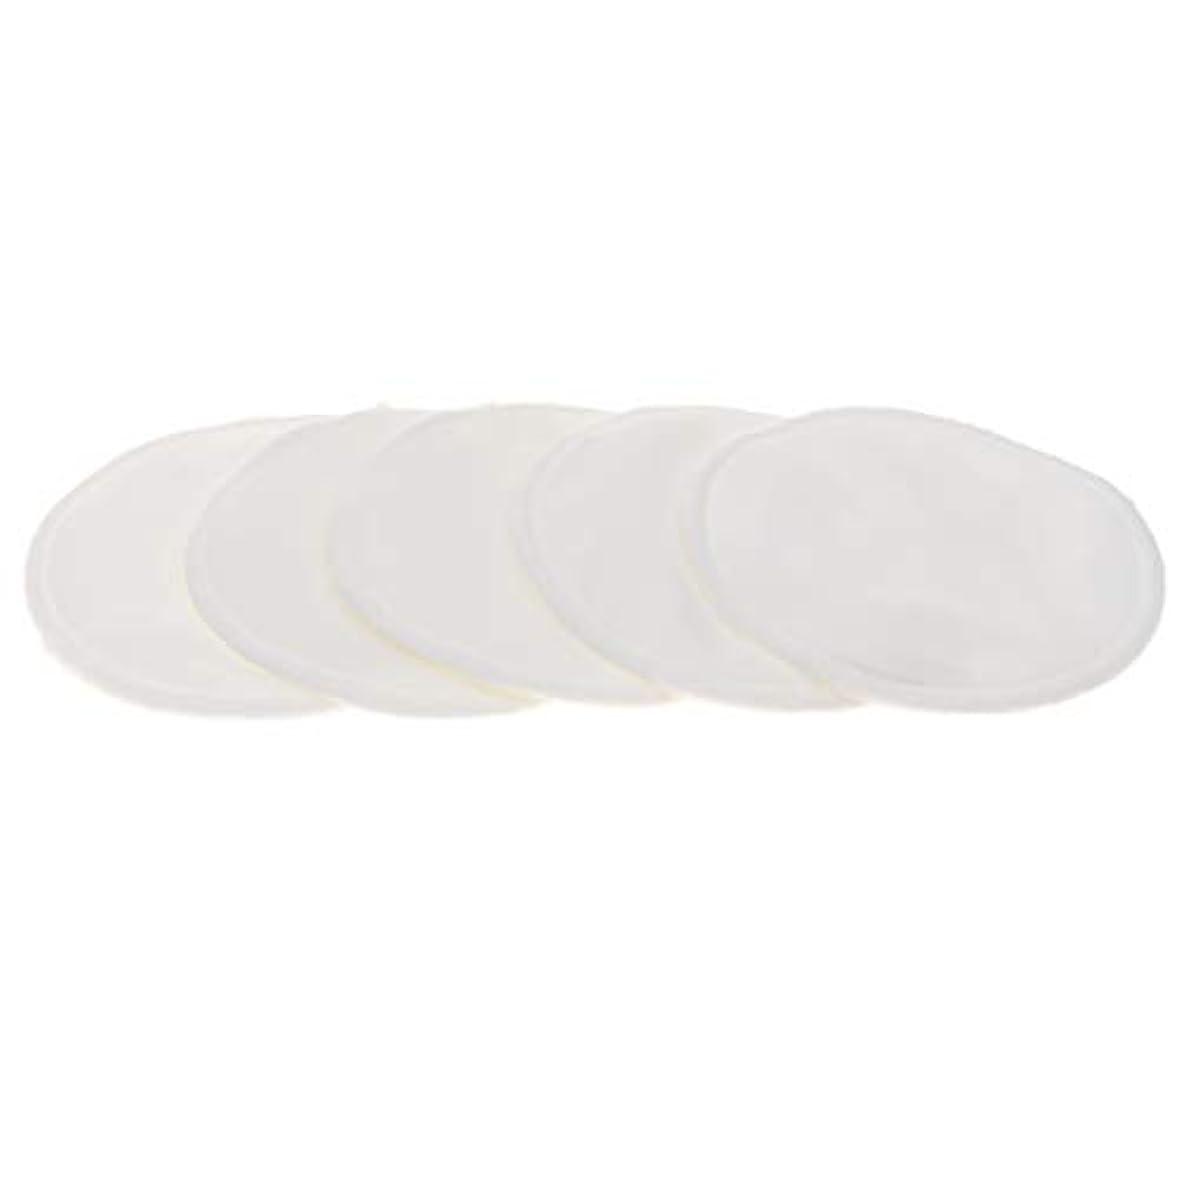 怠感ノベルティボトルネック胸パッド クレンジングシート メイク落とし用 竹繊維 円形 12cm 吸収性 再使用可能 5個 全5色 - 白